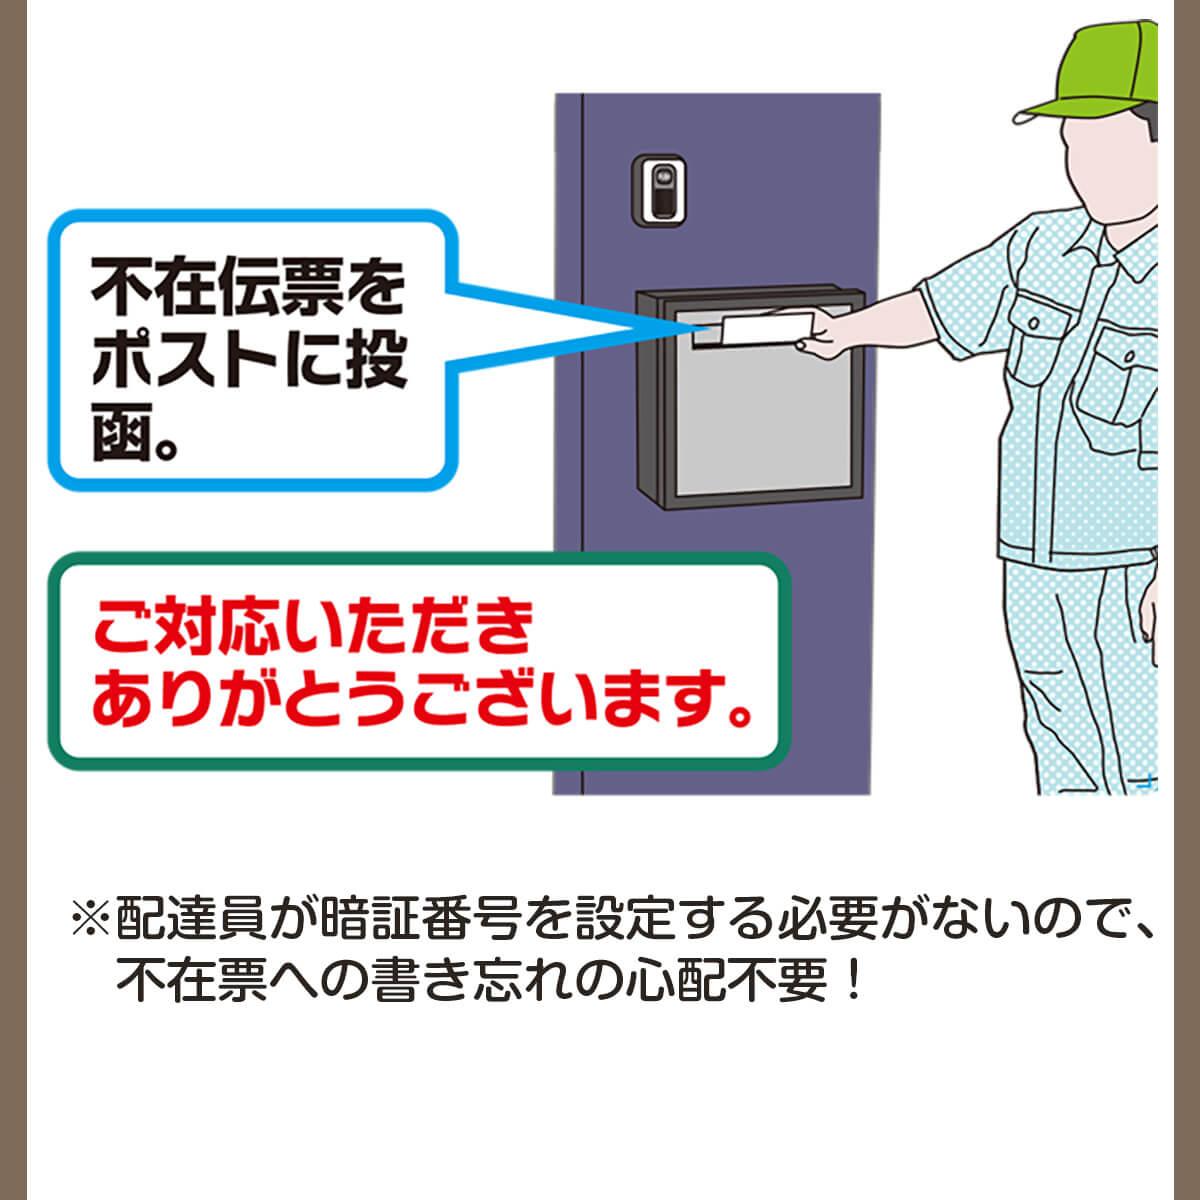 宅配ボックス ルスネコボックス®使い方8